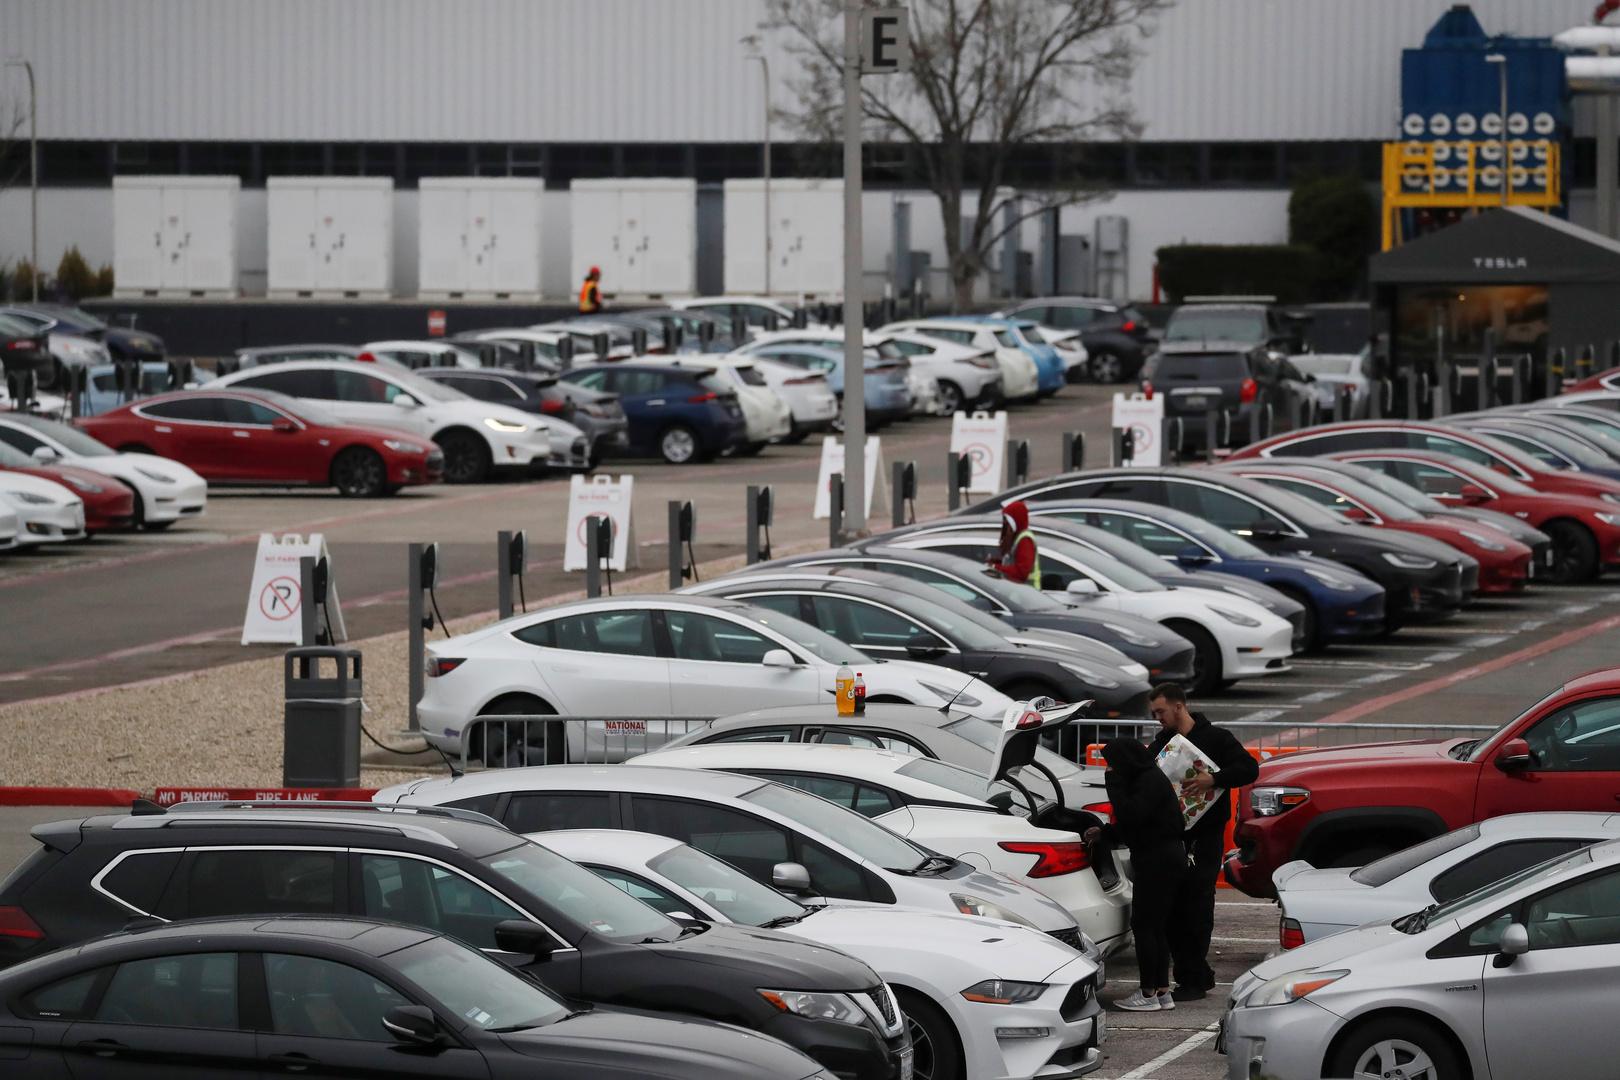 مصنع تسلا للسيارات الكهربائية في كاليفورنيا